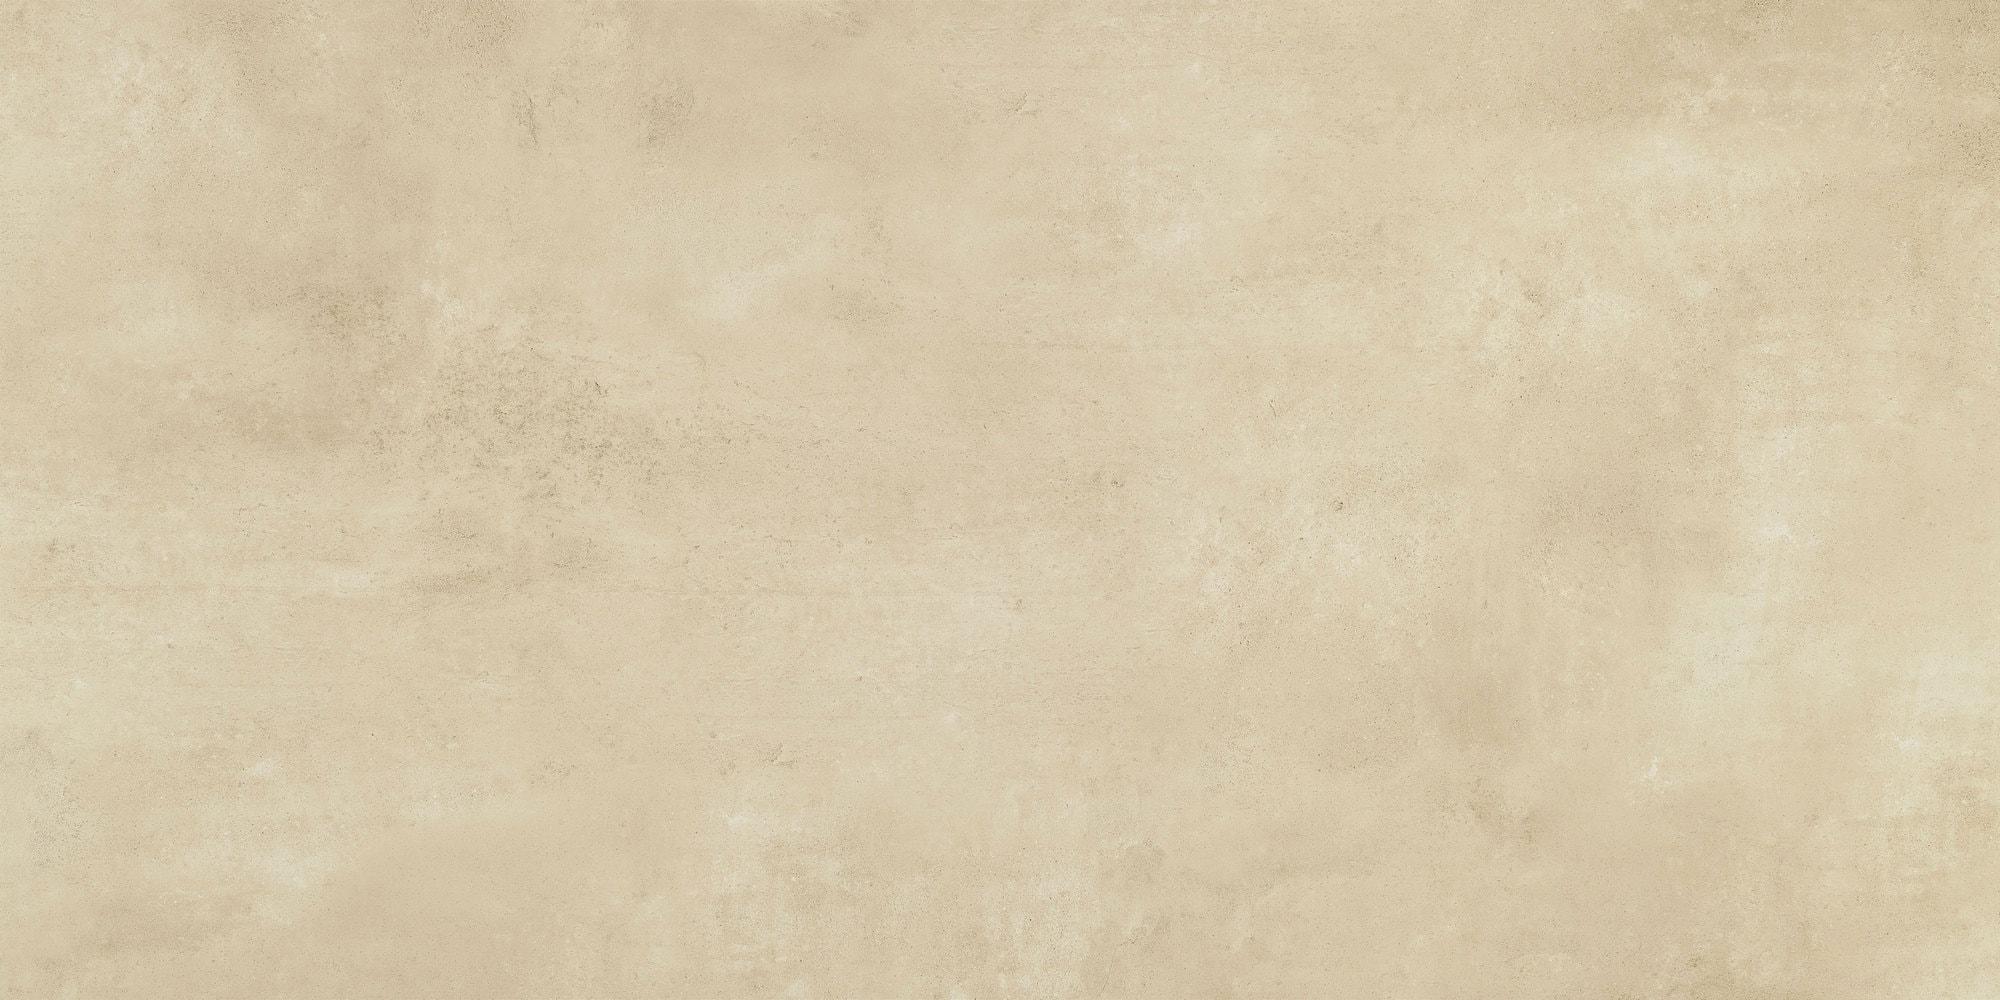 Płytka podłogowa Tubądzin EPOXY BEIGE 2 MAT 239,8x119,8 cm